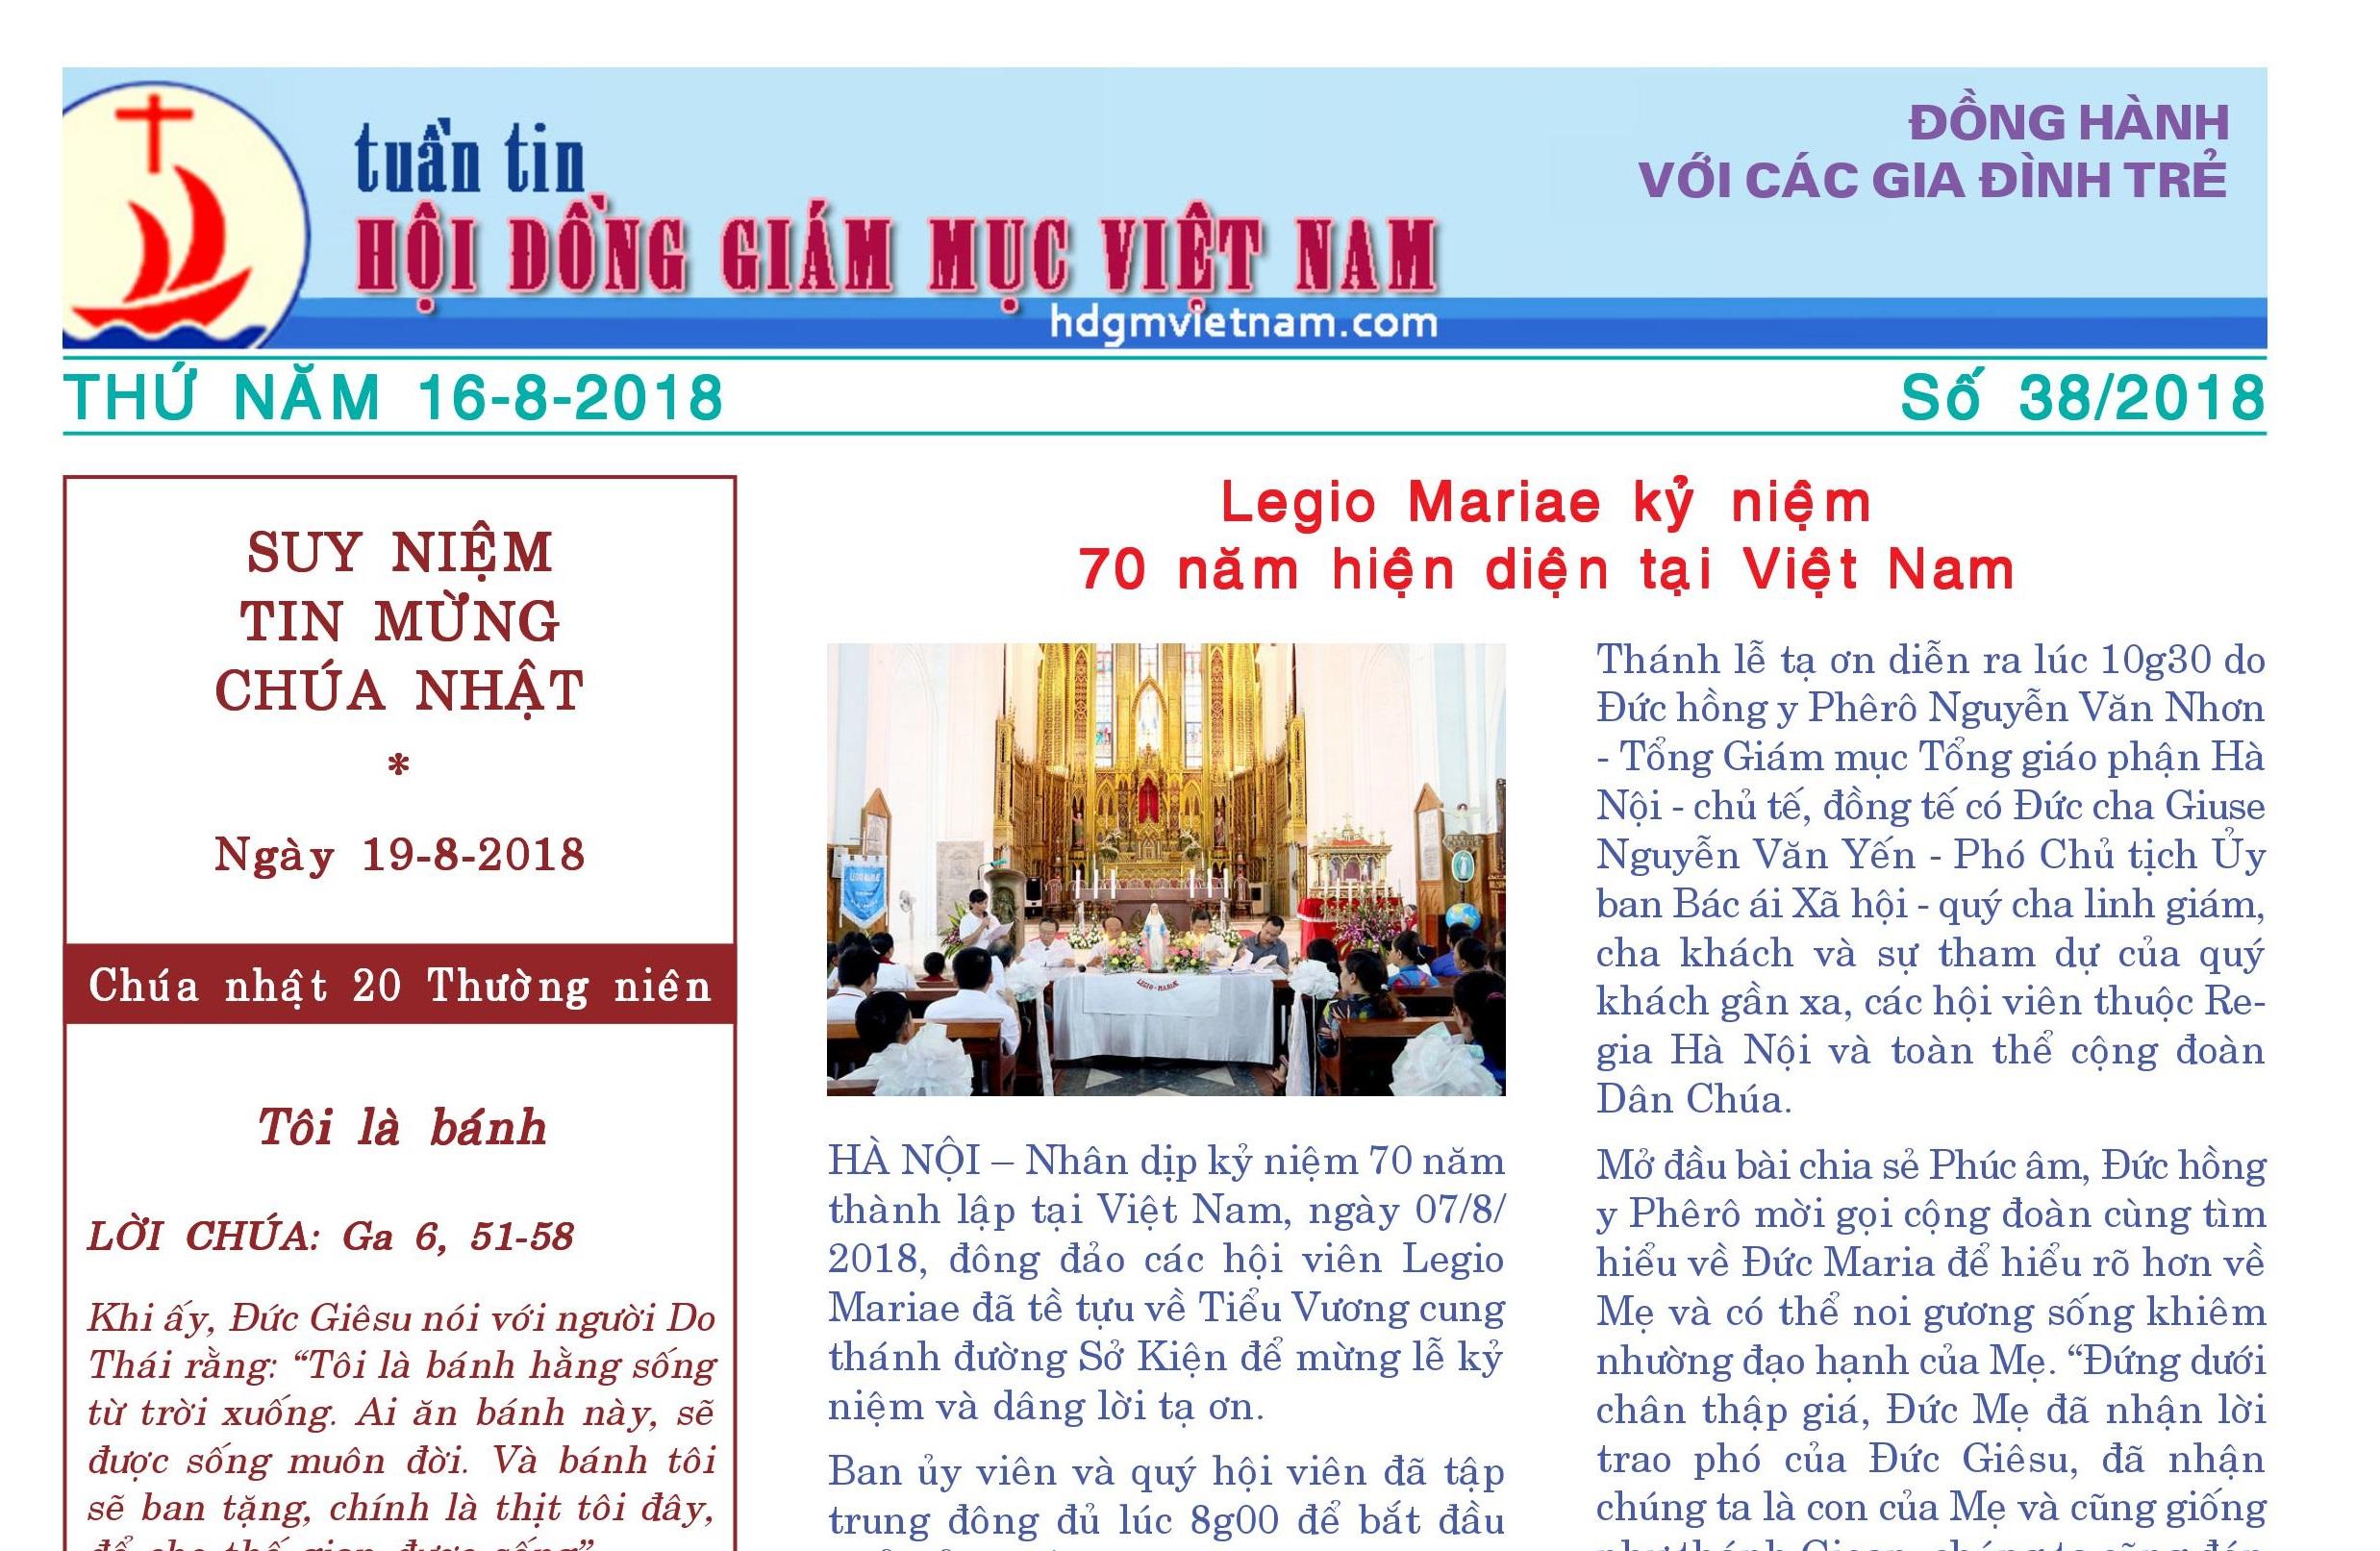 Tuần tin Hội đồng Giám mục Việt Nam số 38/2018